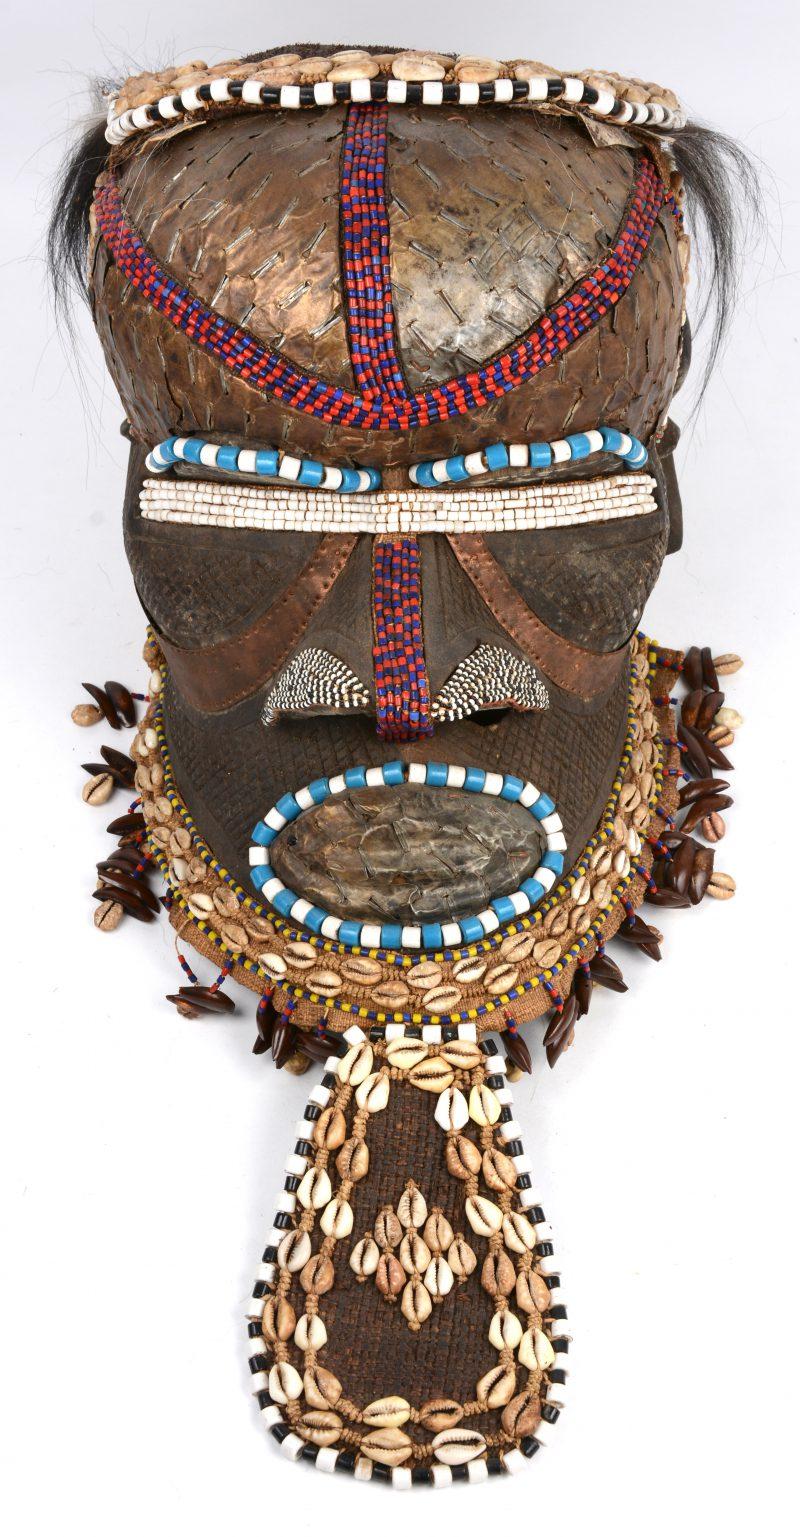 Kifwebe. Een Luba helmmasker, volledig bekleed met schelpen, koper, haar, kraaltjes enz. DRC.